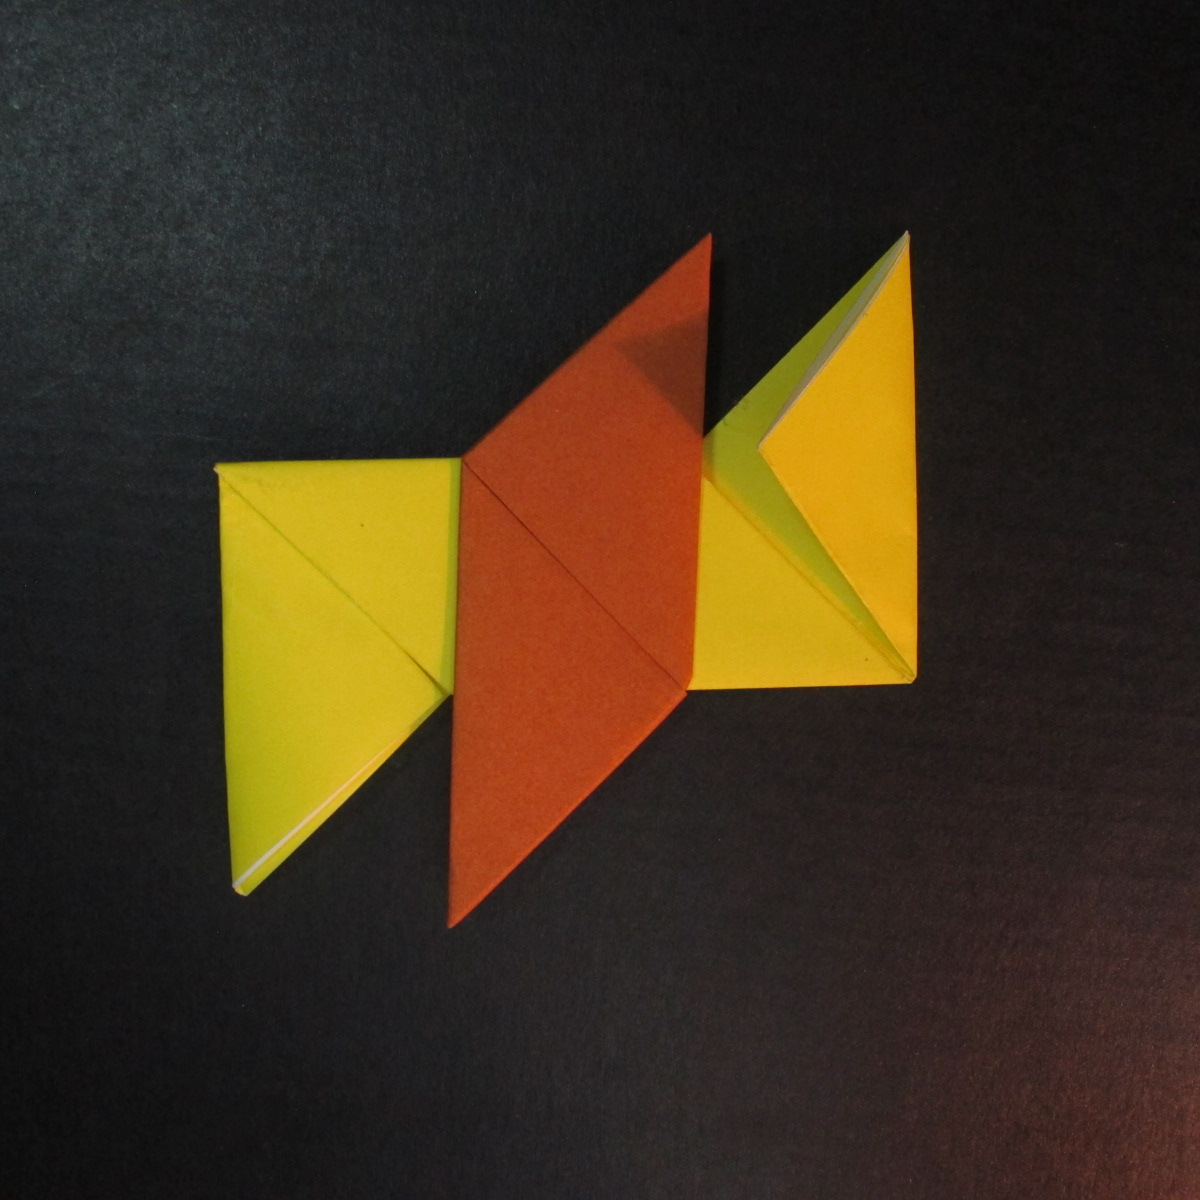 สอนวิธีพับกระดาษเป็นดาวกระจายนินจา (Shuriken Origami) - 014